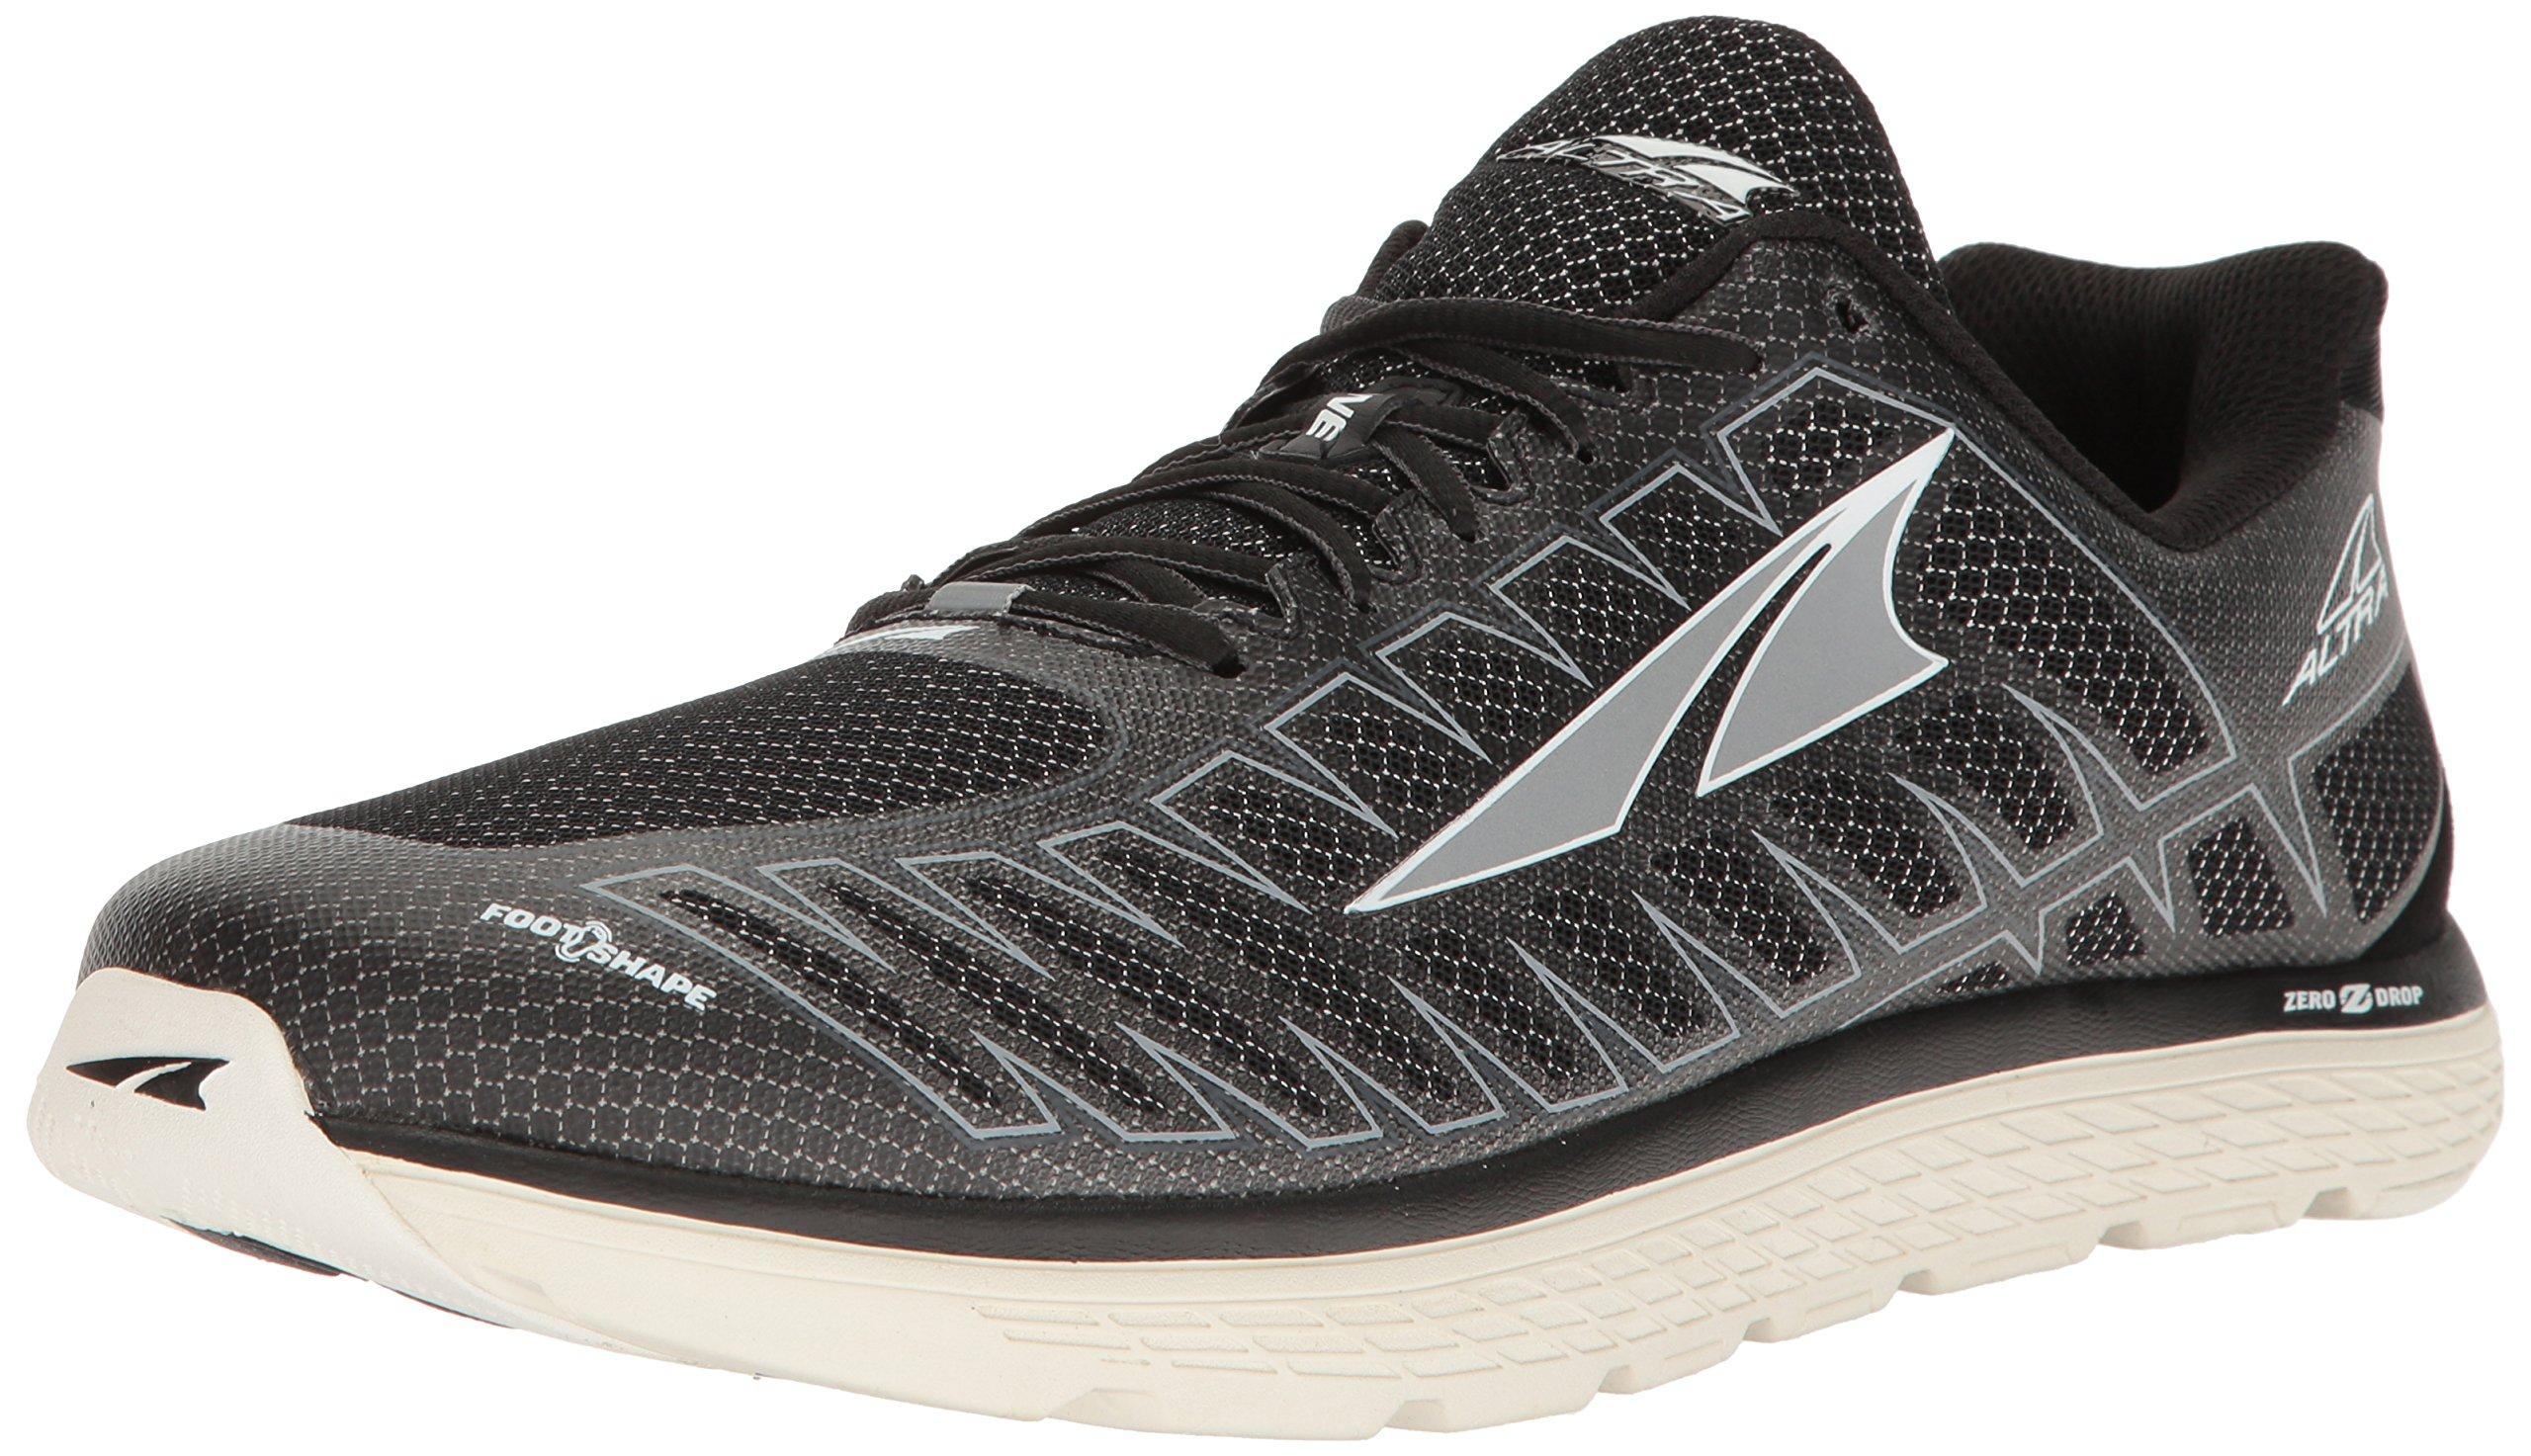 Altra AFM1734F Men's One V3 Running Shoe, Black - 12 M US